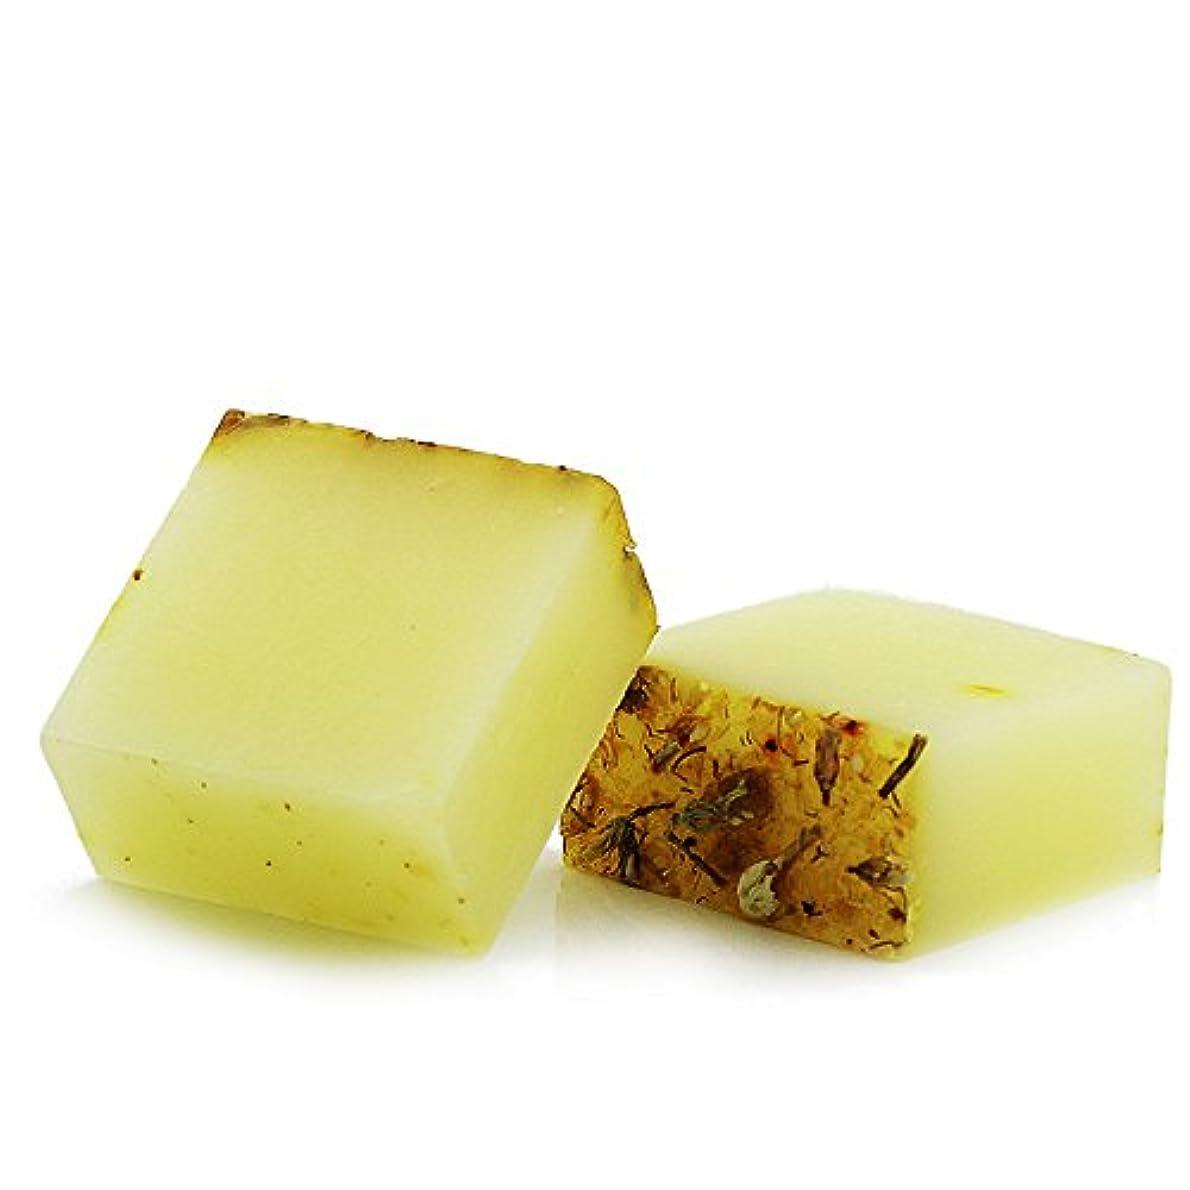 スーパーマーケット意味する怒りLiebeye ハンドメイド ソープ 抗菌 健康 フェイシャル ディープ クレンズ オイル コントロール モイスチャライジング ソープ ジャスミン